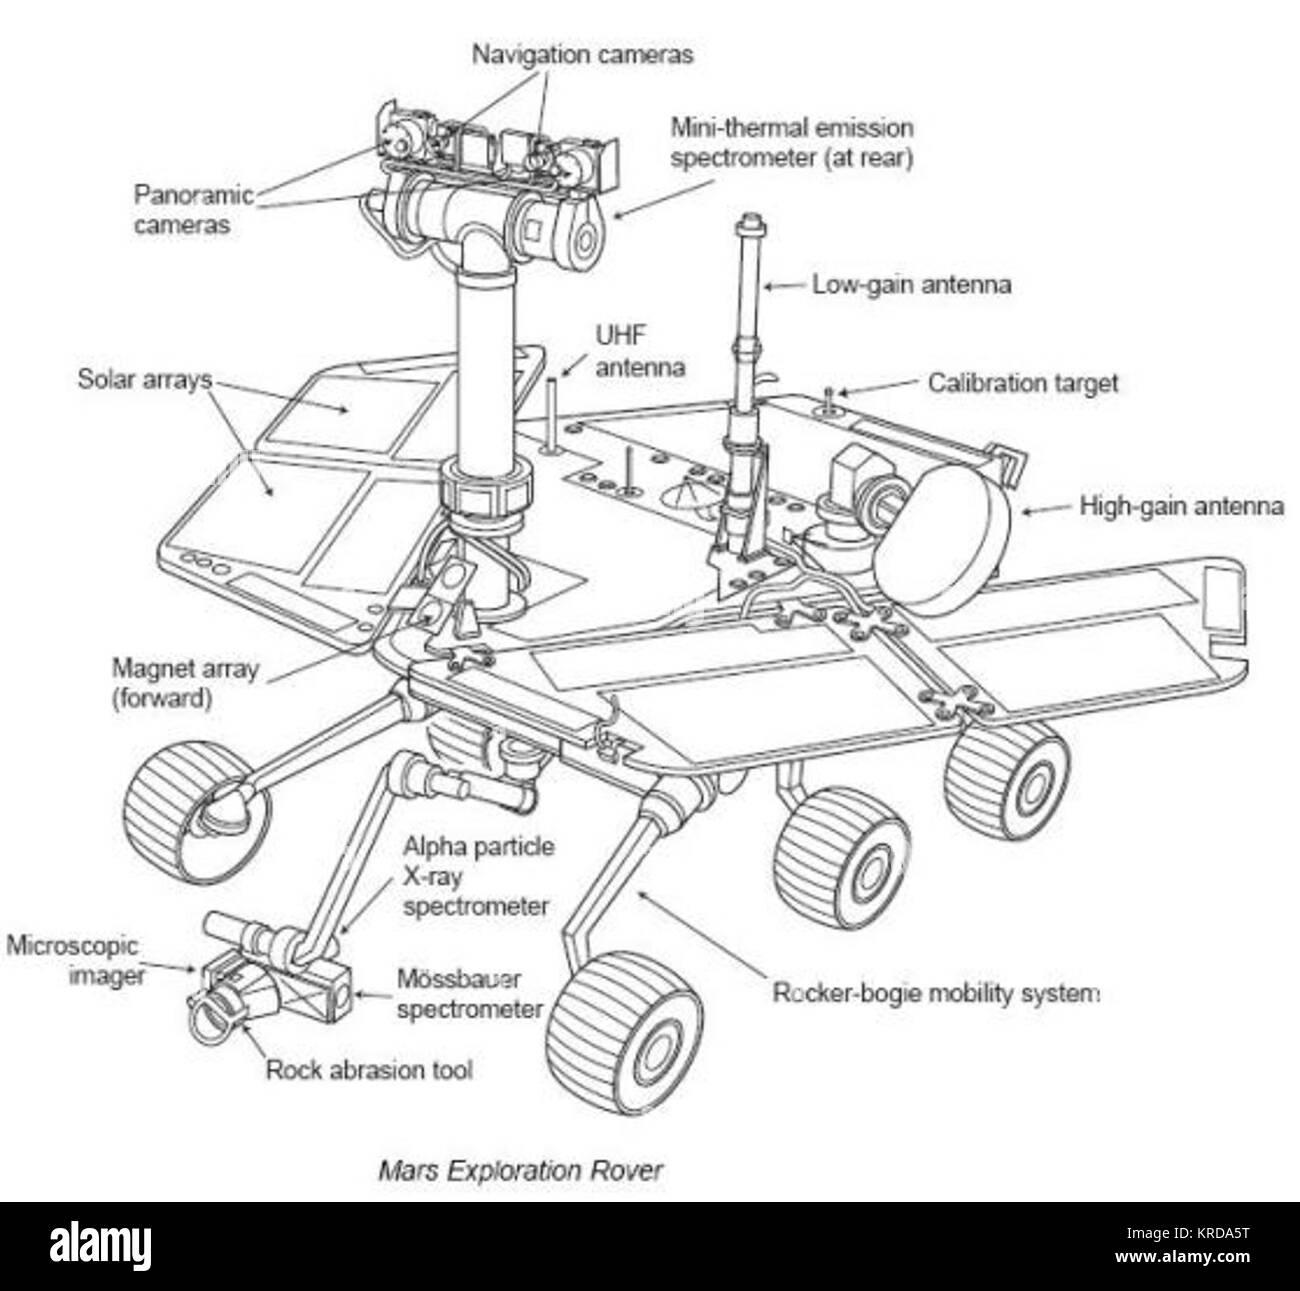 mars exploration rover black and white stock photos images alamy rh alamy com mars-2020-rover-cad-diagram-pia 20759-full mars-2020-rover-cad-diagram-pia 20759-full